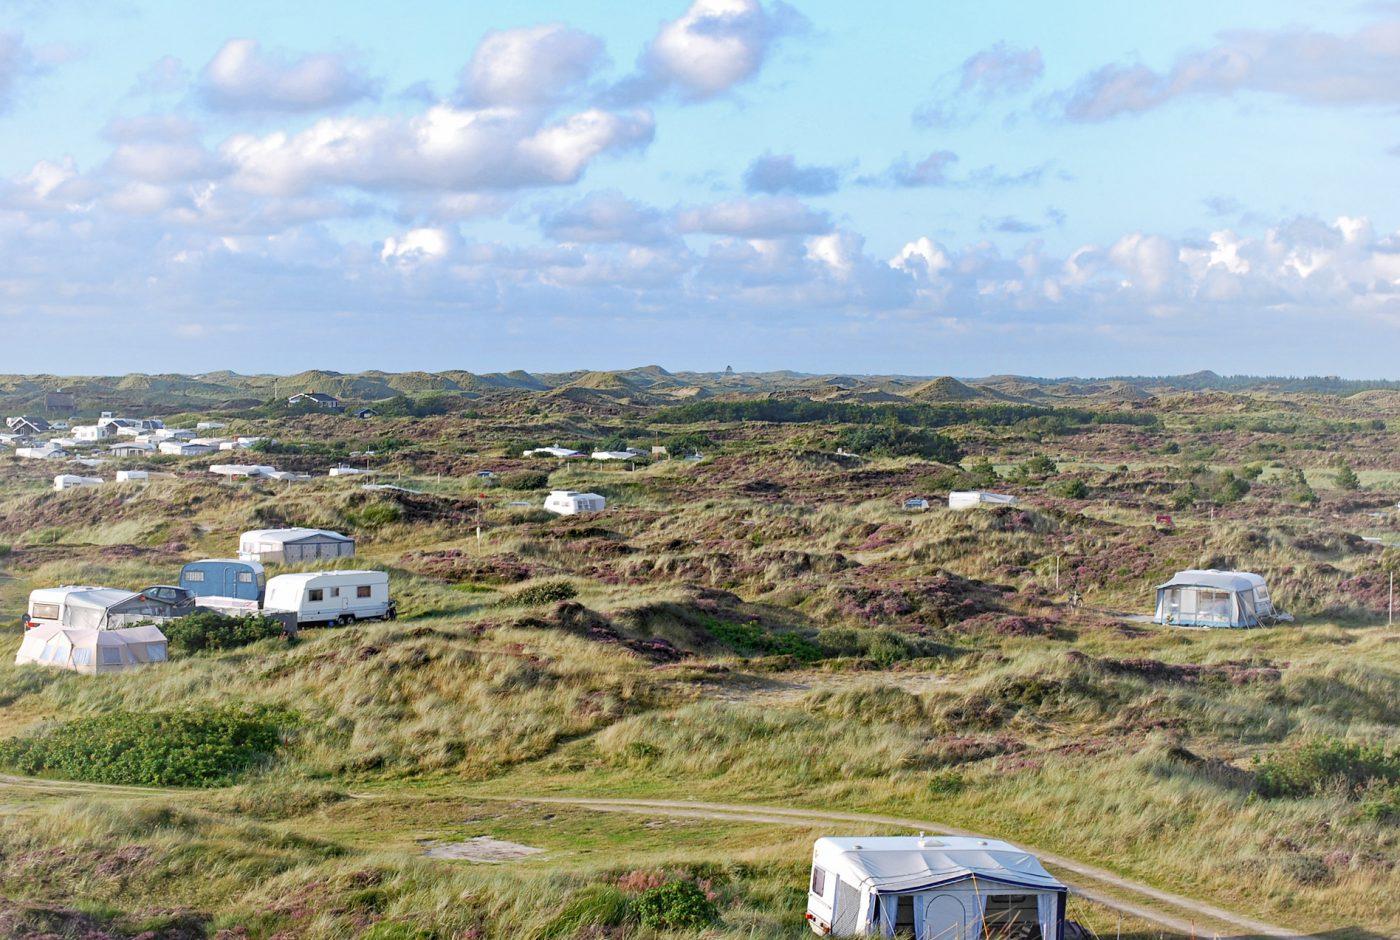 Wohnwagen und Zelte zwischen Dünen in Dänemark.